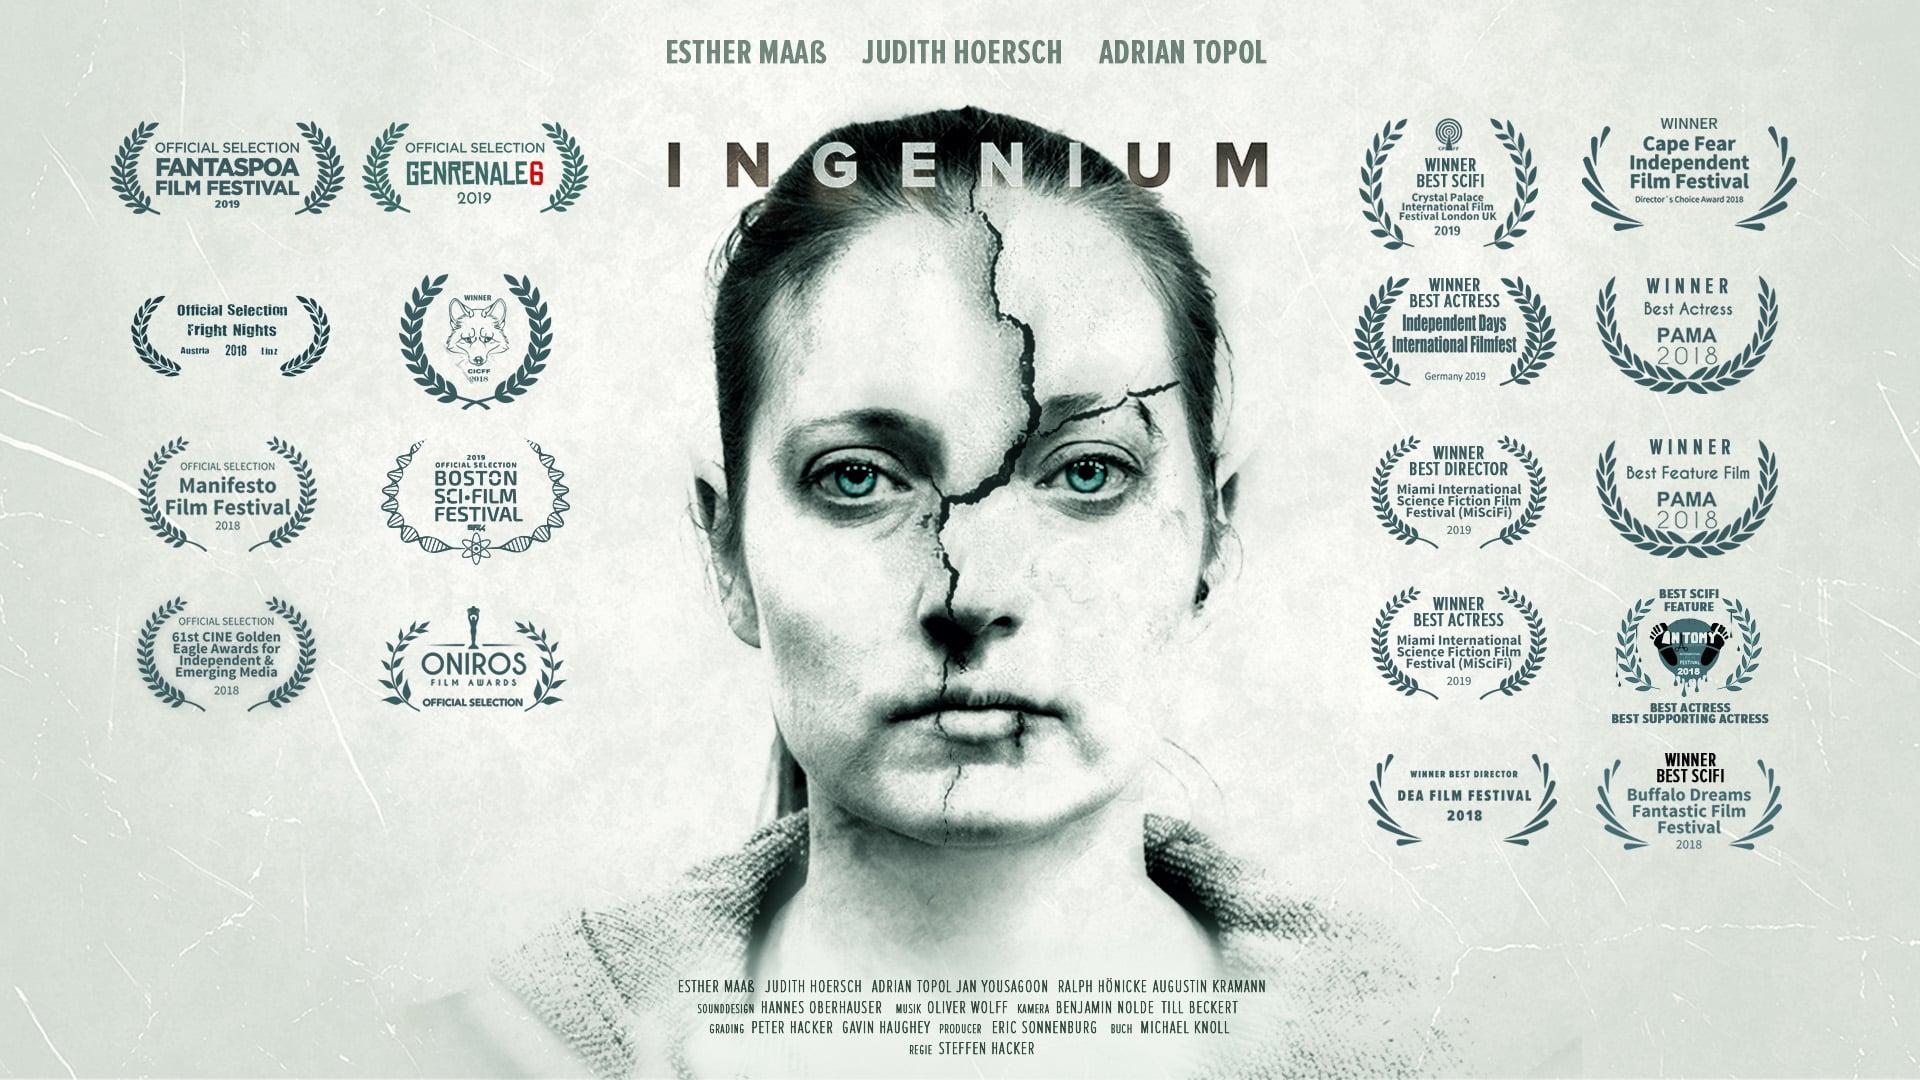 INGENIUM (2019) Trailer